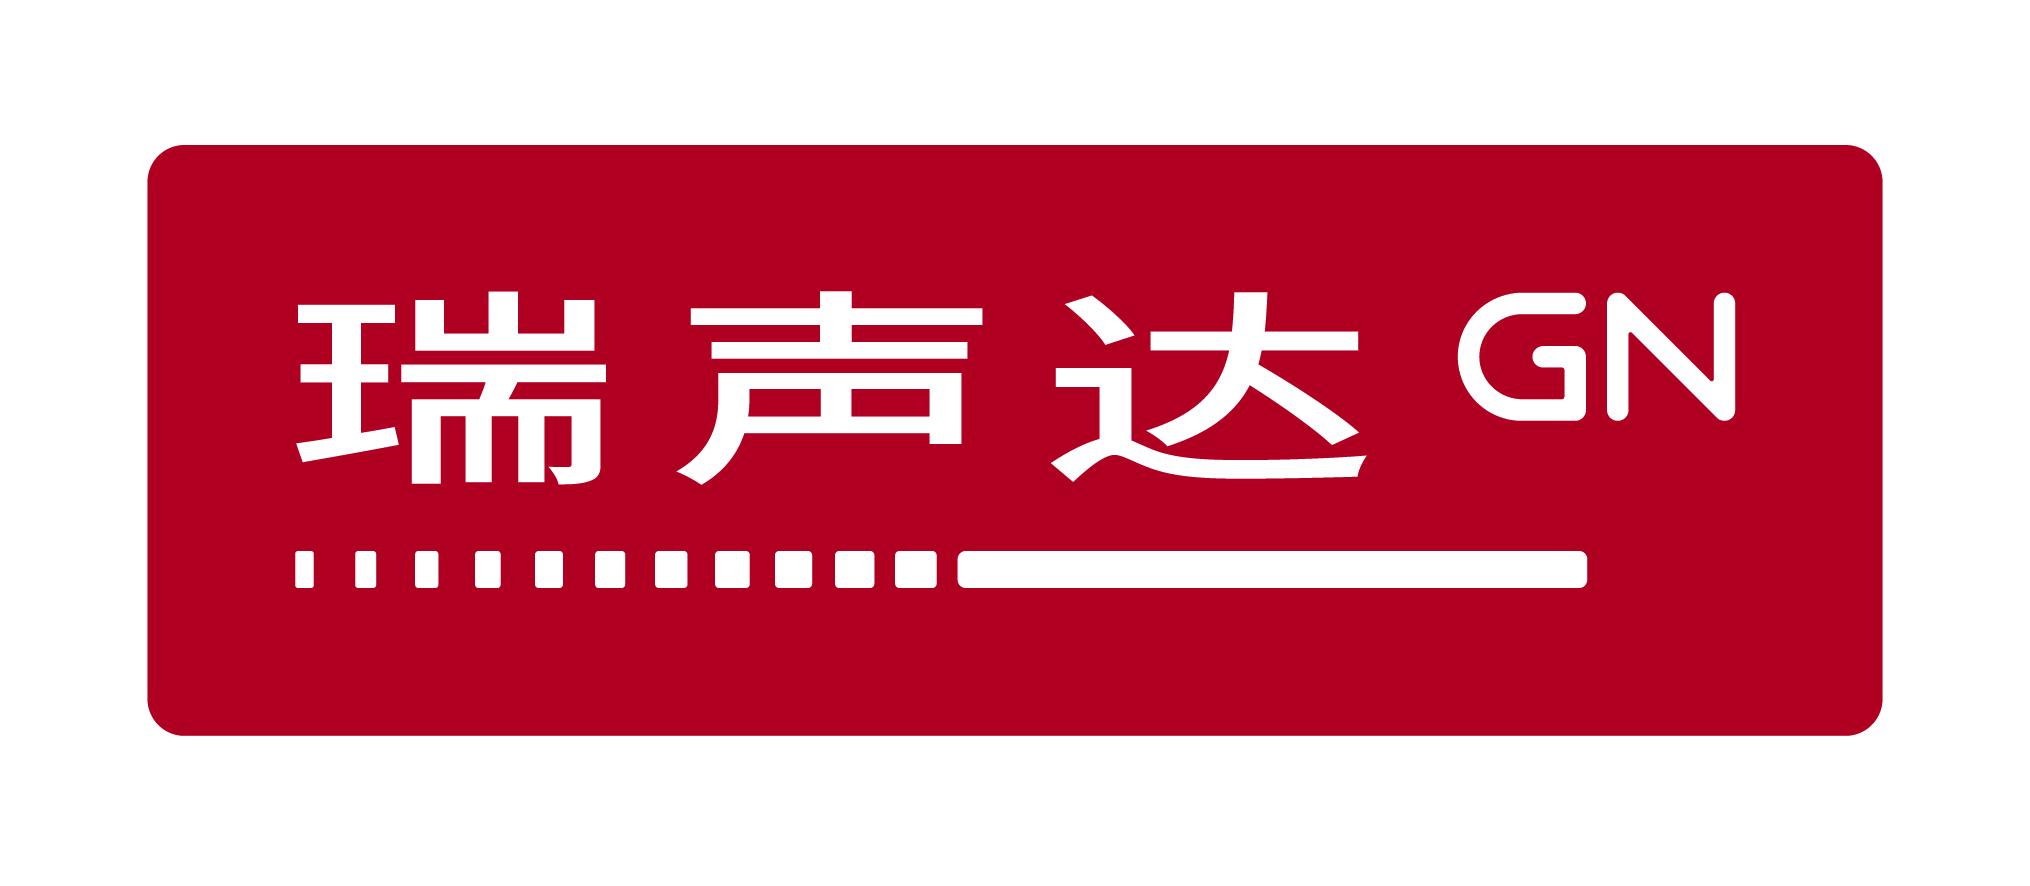 瑞声达听力设备贸易(上海)有限公司-2018中国国际福祉博览会暨中国国际康复博览会